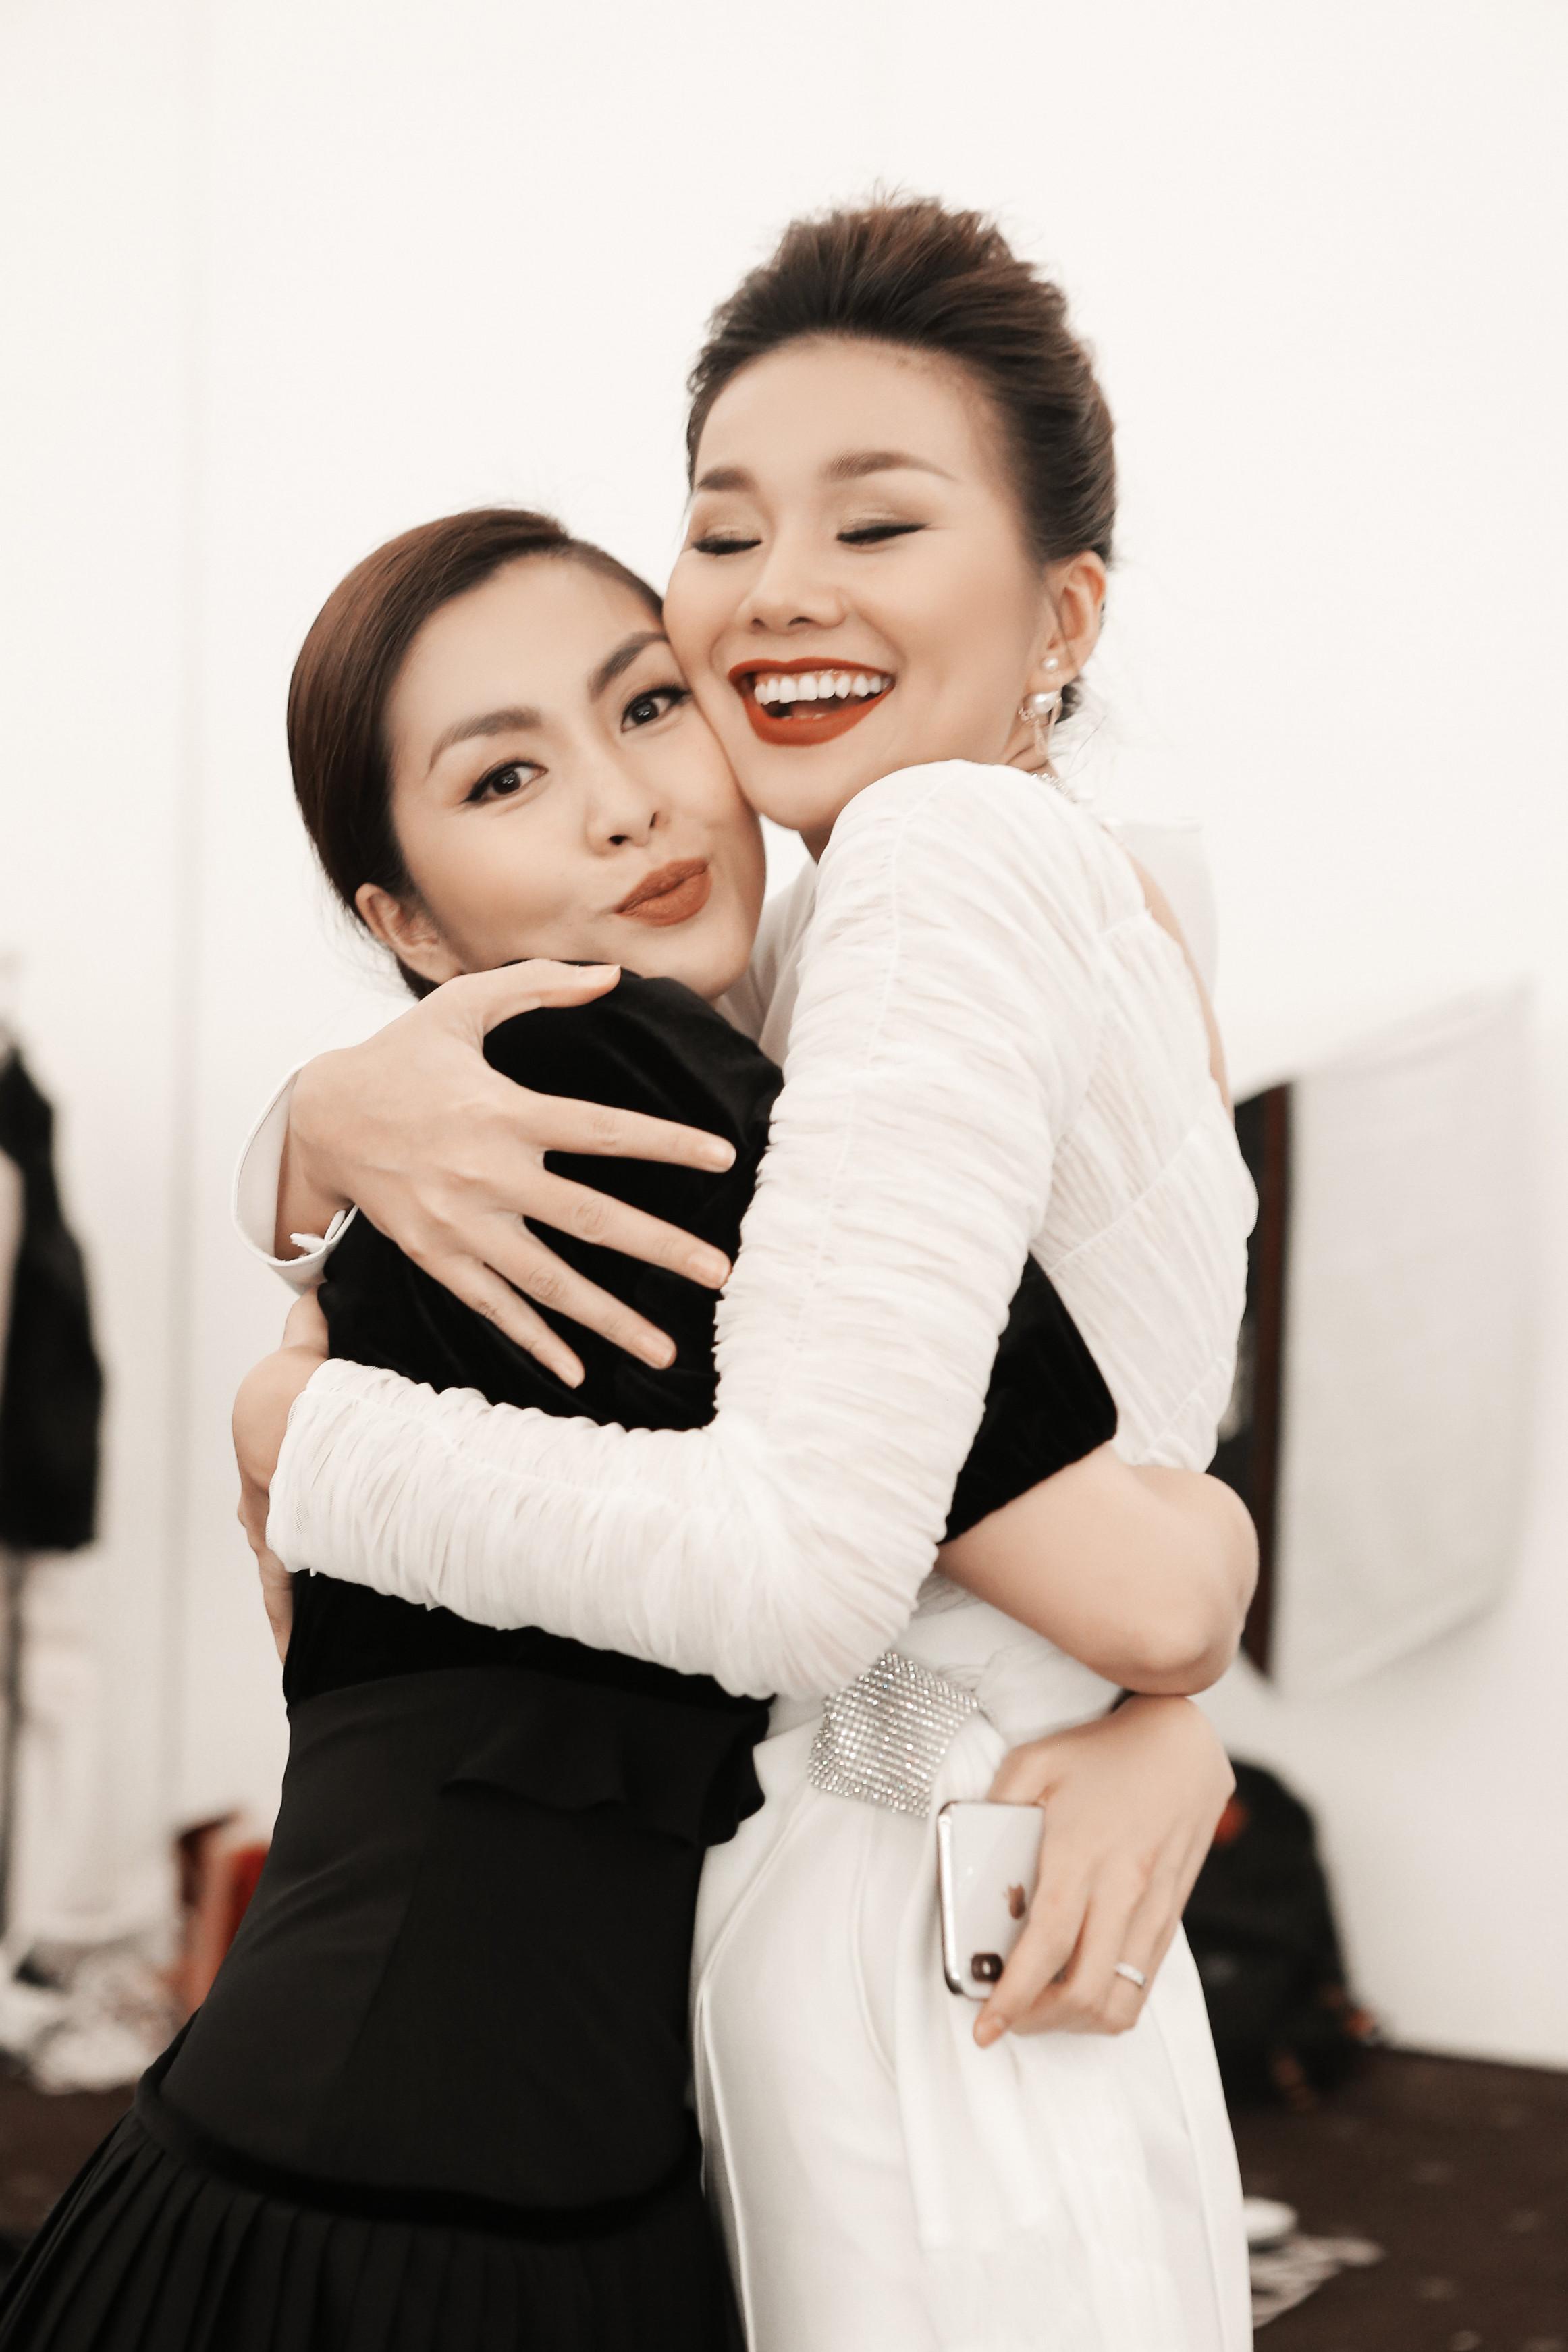 Tăng Thanh Hà và Hoa hậu Thanh Hằng ở hậu trường